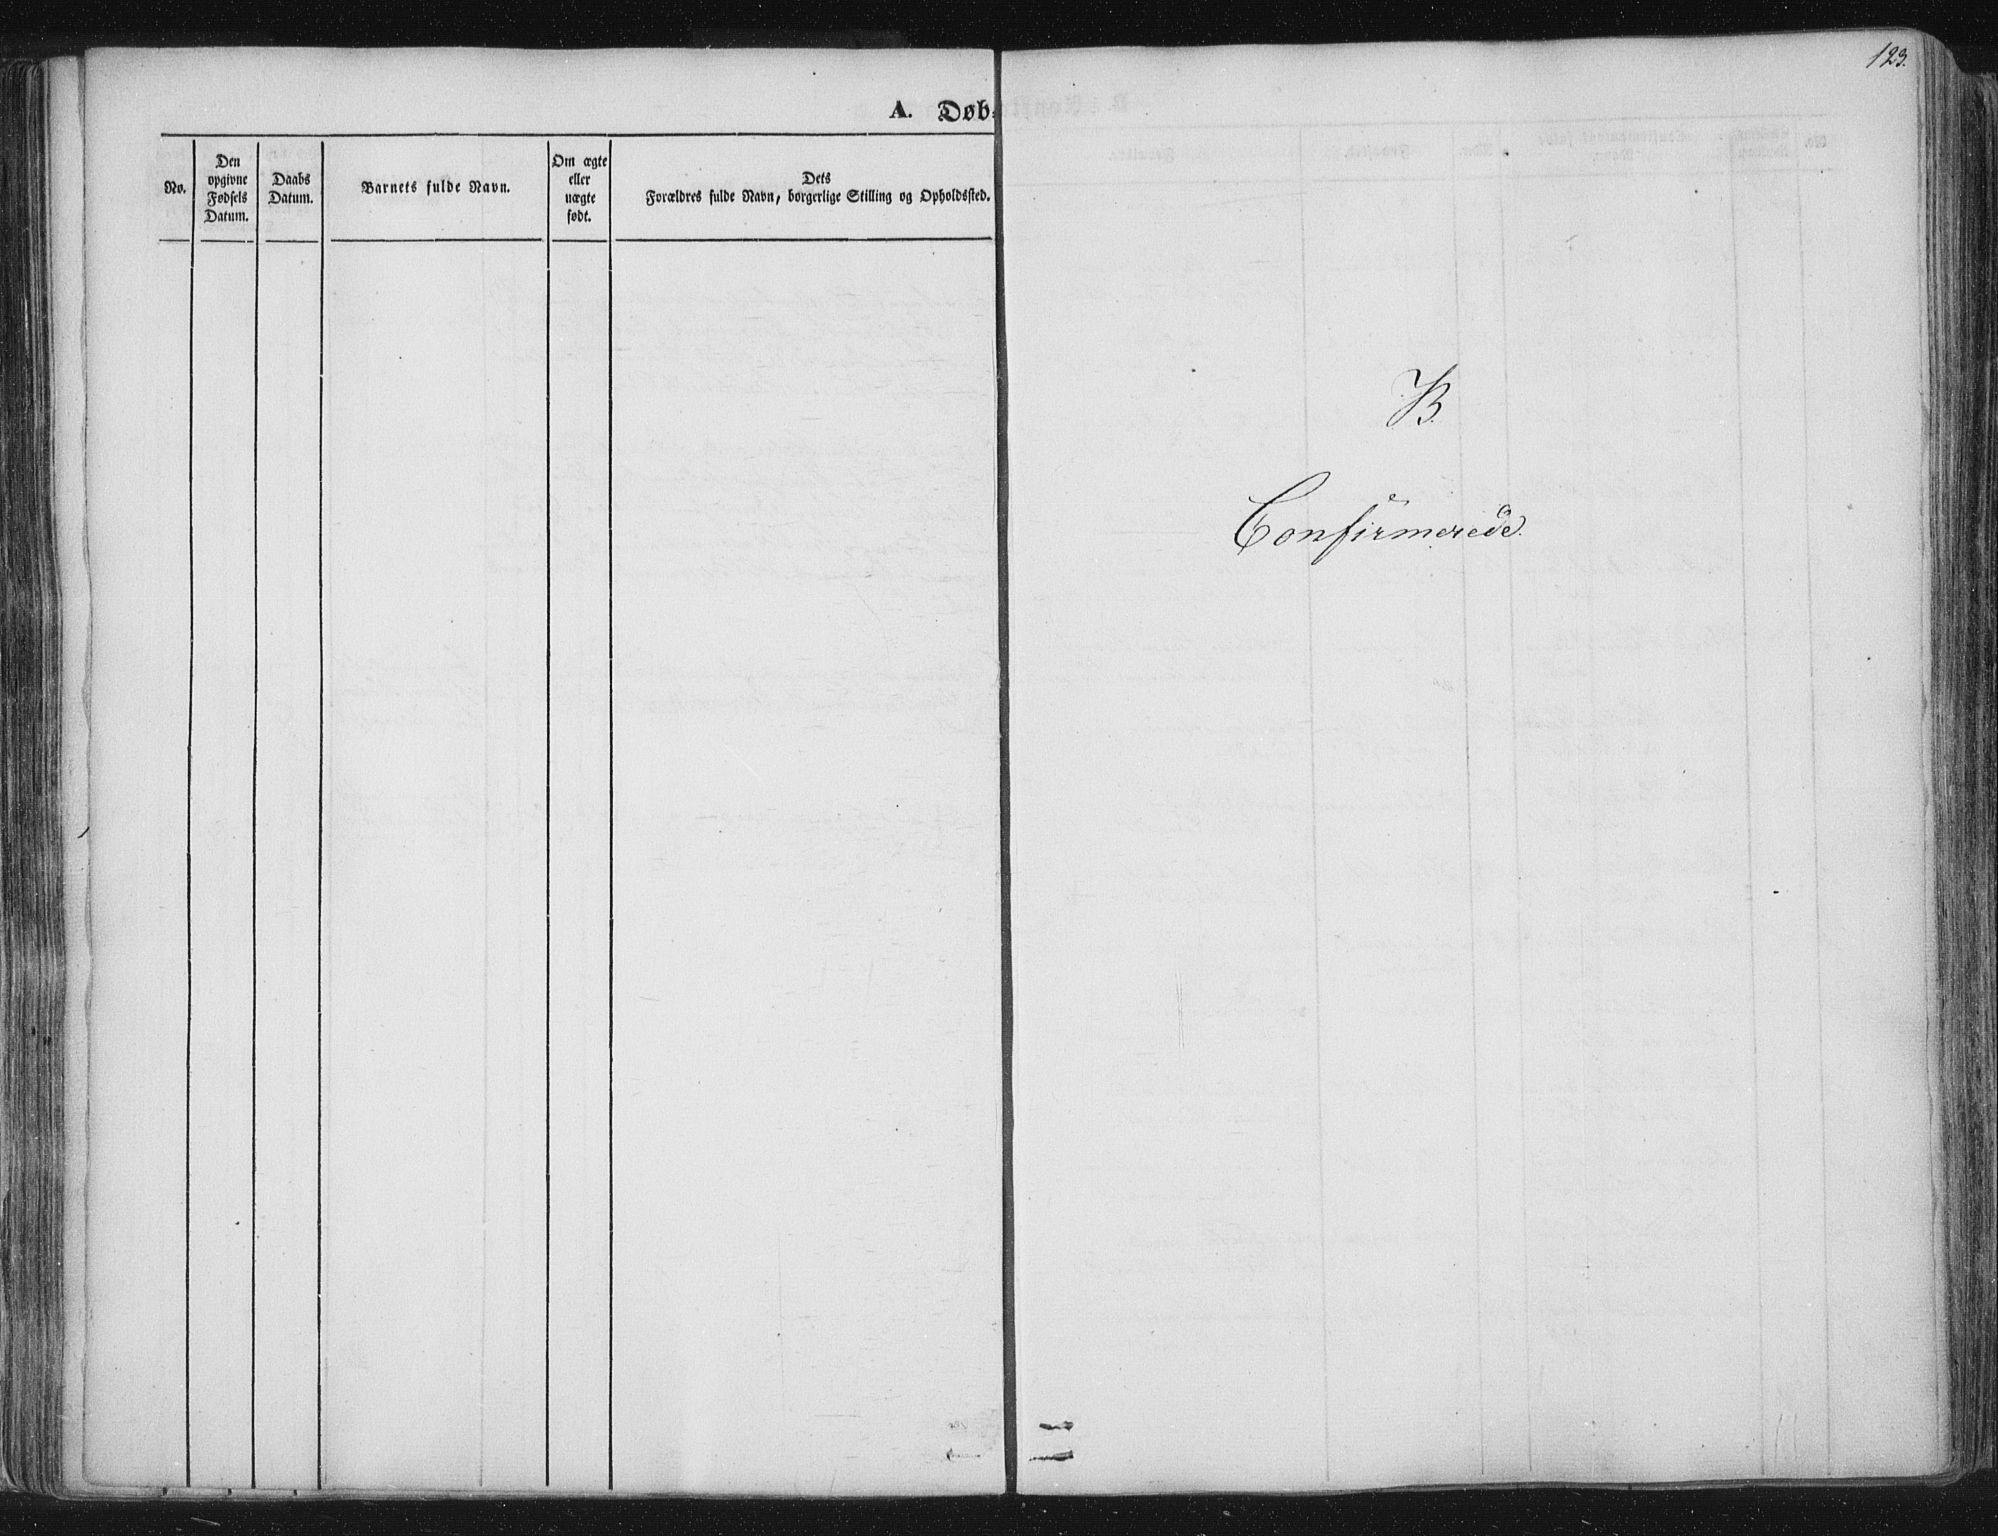 SAT, Ministerialprotokoller, klokkerbøker og fødselsregistre - Nord-Trøndelag, 741/L0392: Ministerialbok nr. 741A06, 1836-1848, s. 123